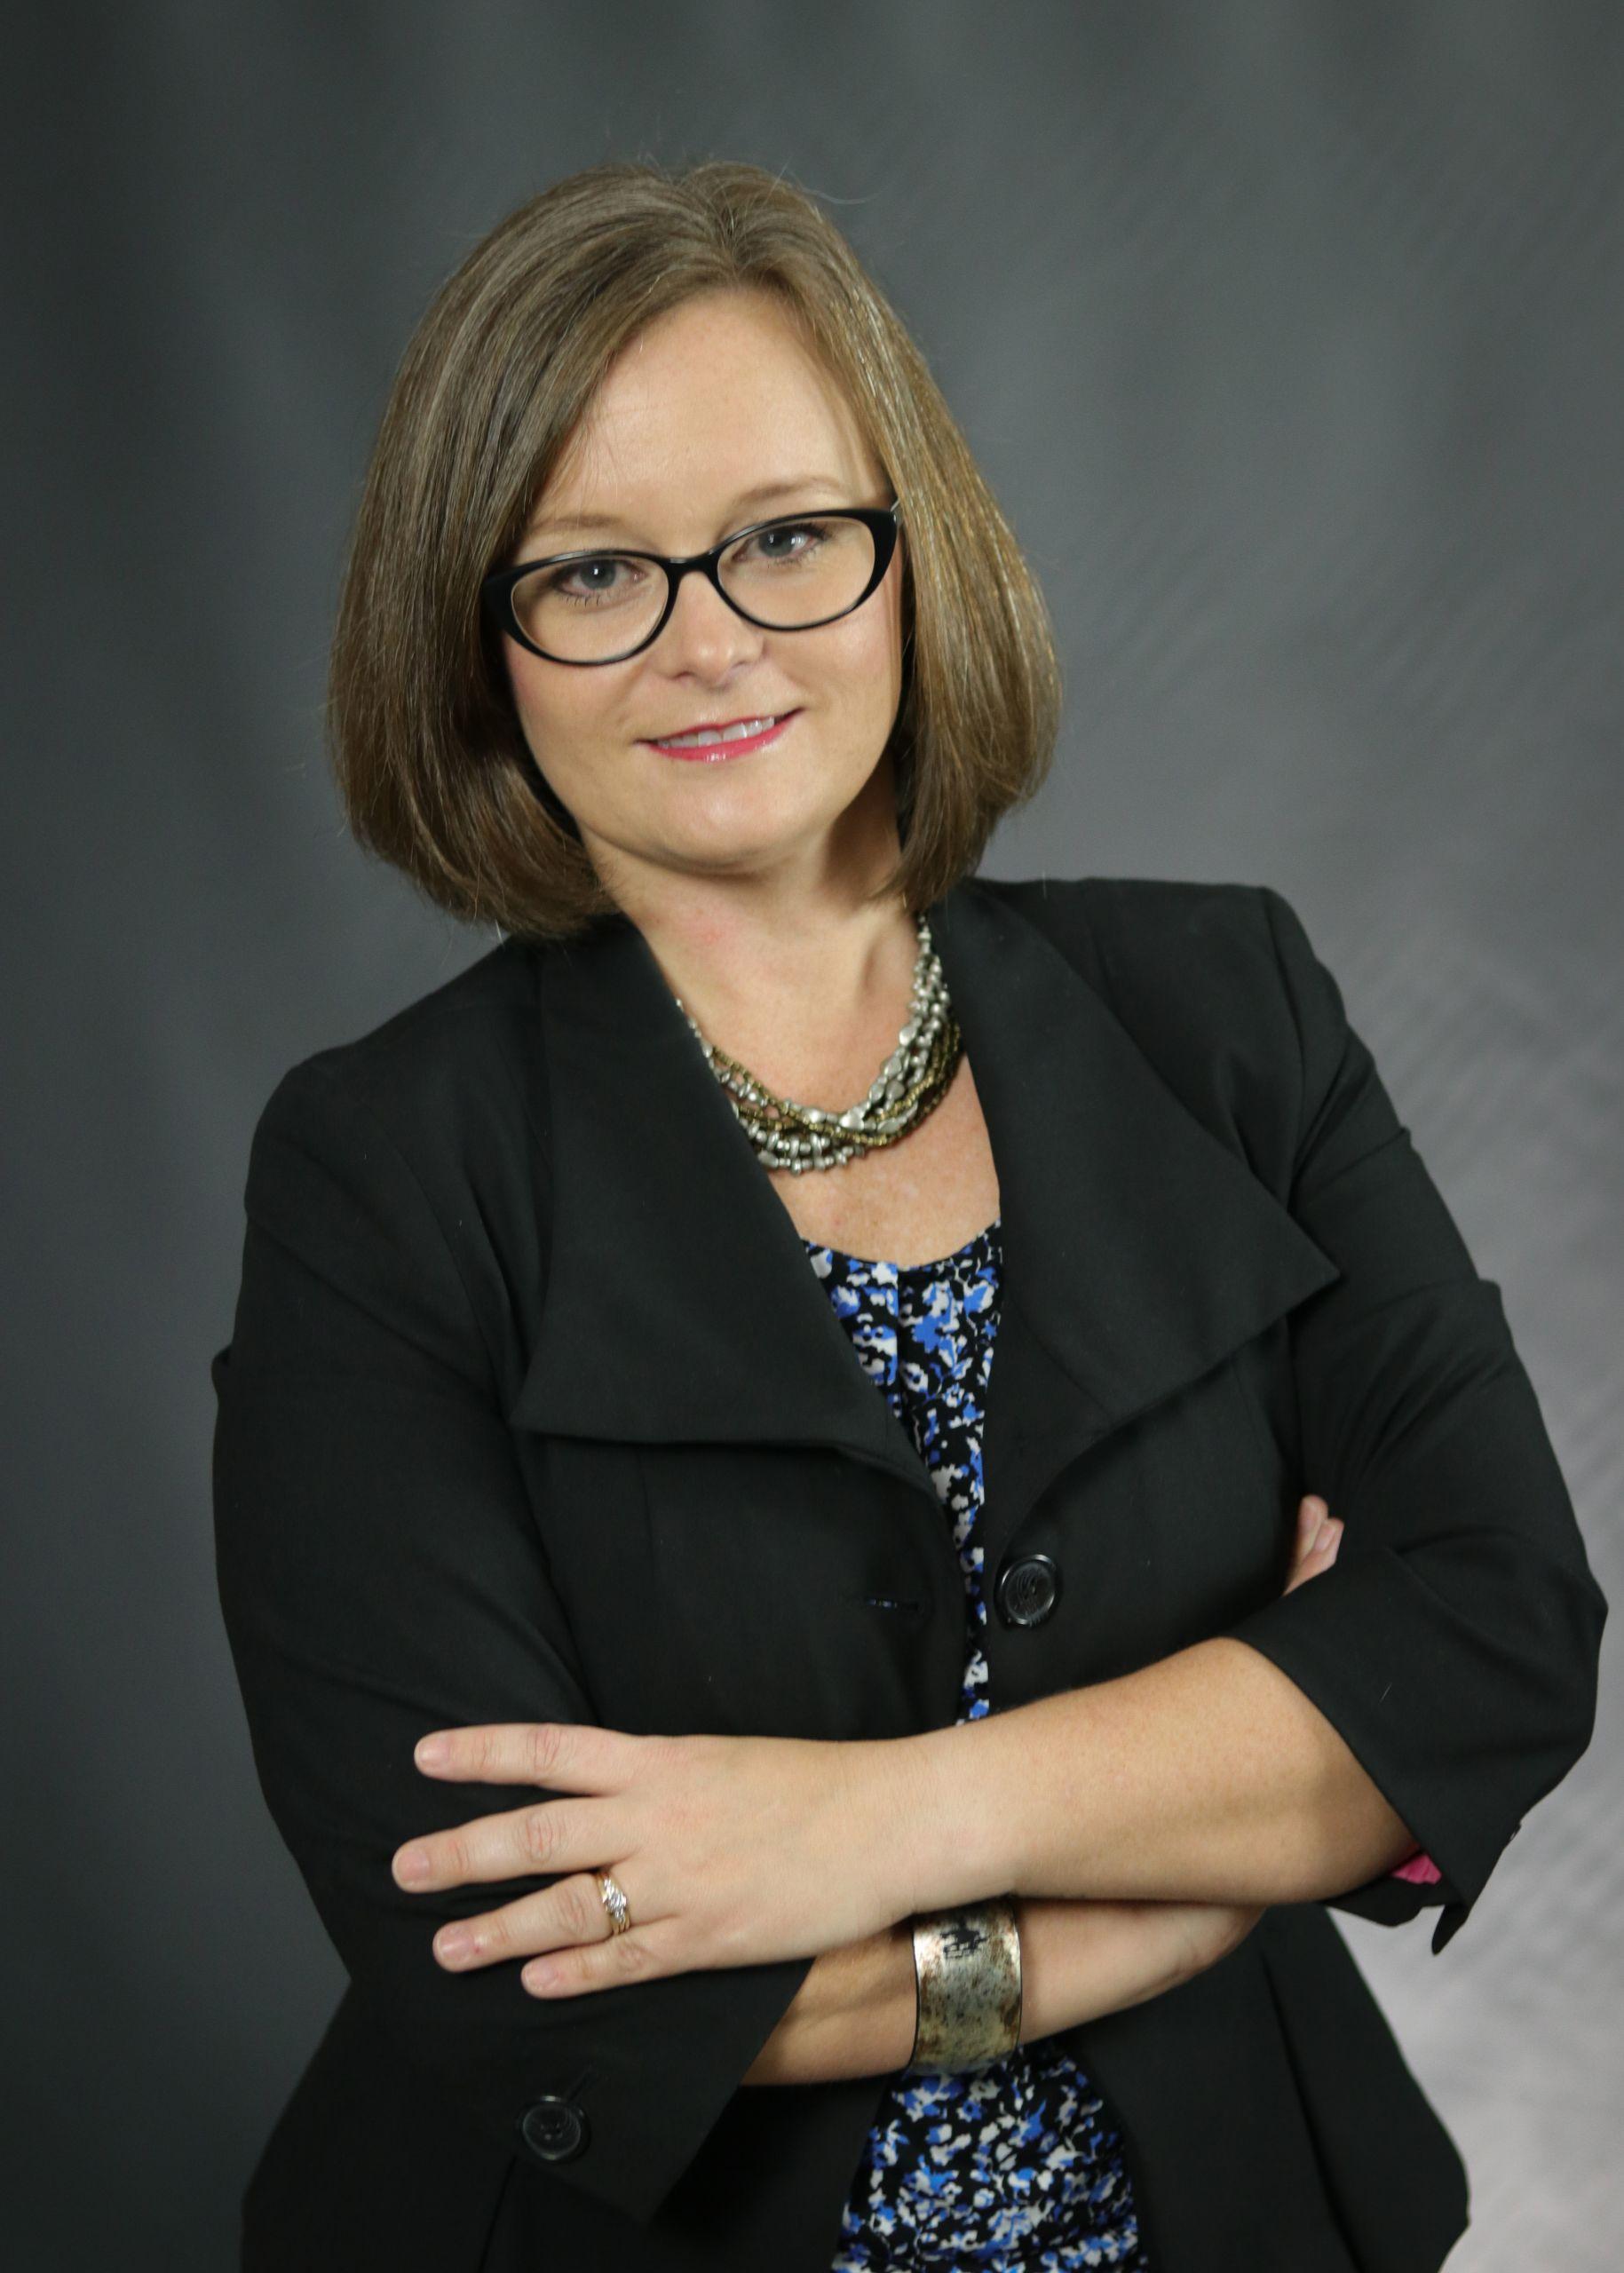 Melissa Rabon